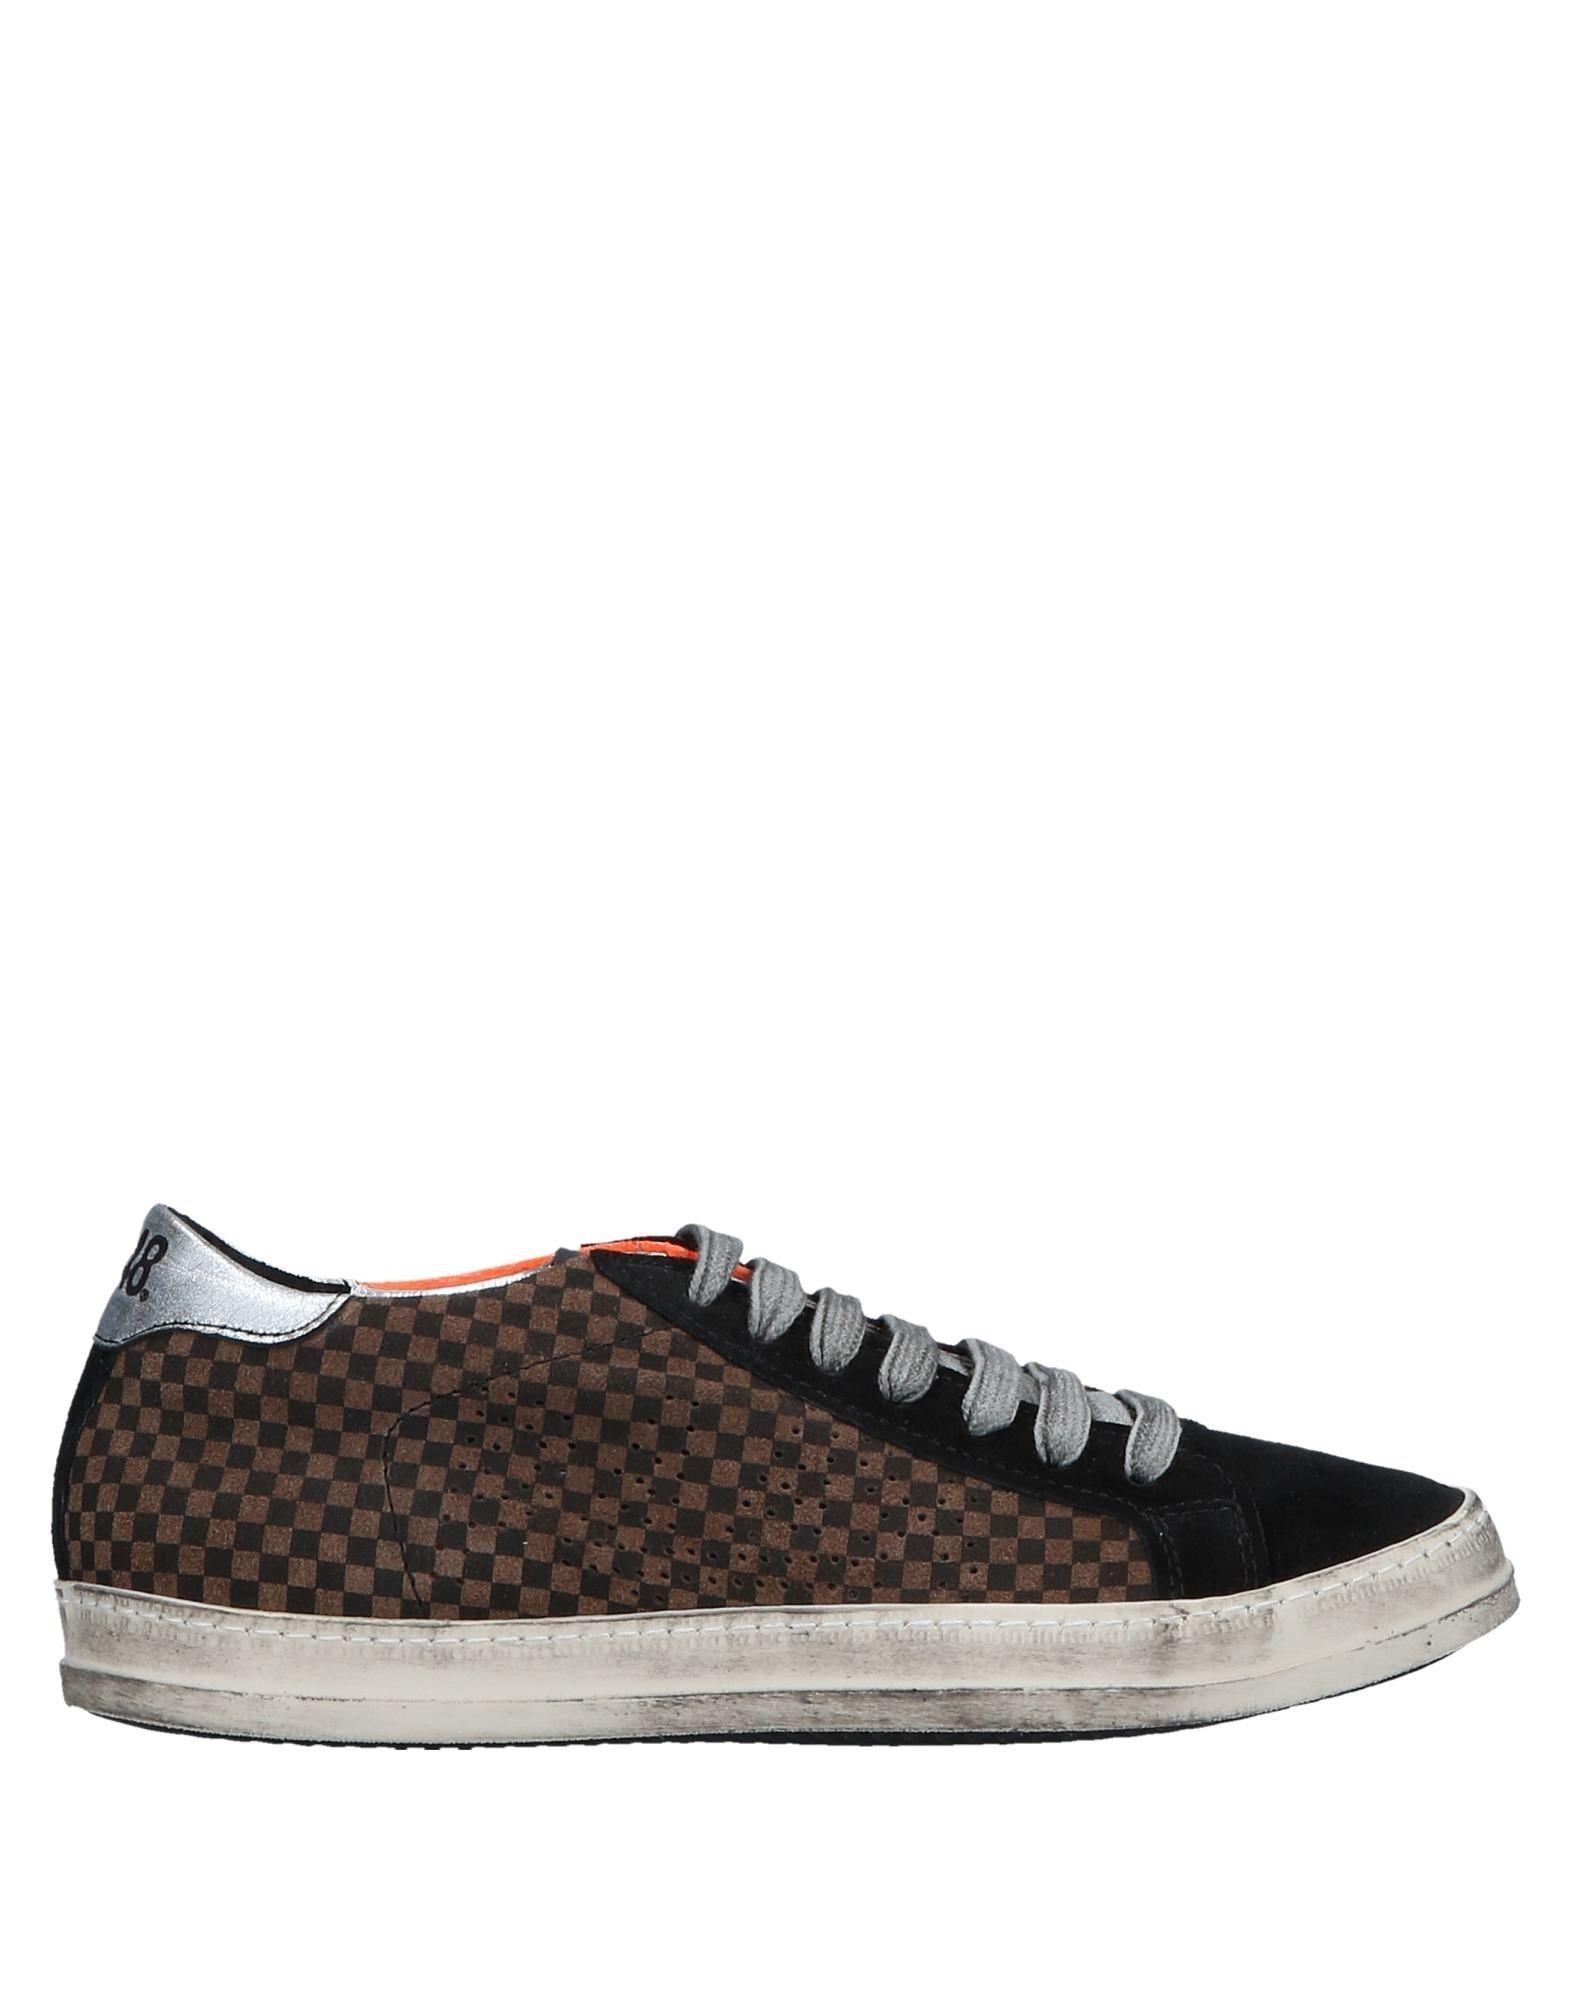 P448 Sneakers Damen  11521375BN Gute Qualität beliebte Schuhe